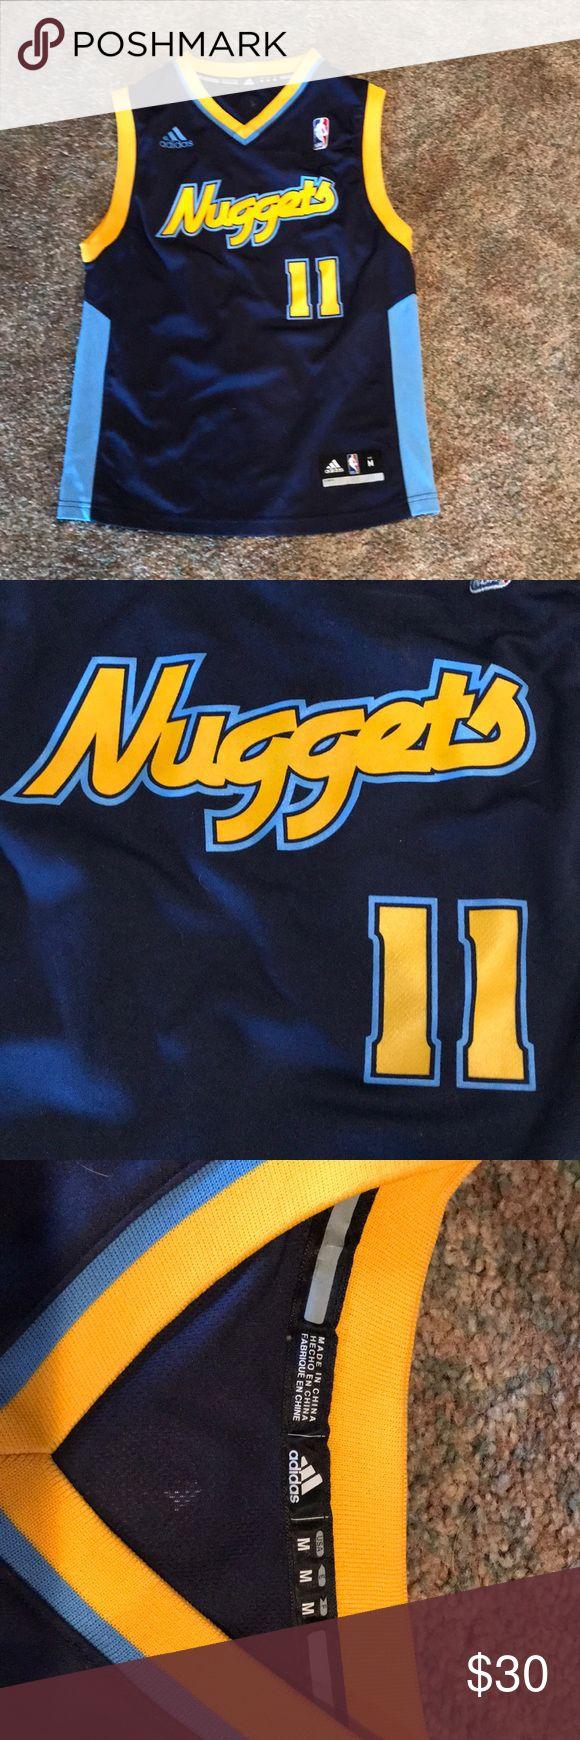 Chris Andersen jersey Nuggets Chris Andersen (bird man) jersey adidas Tops Tank Tops